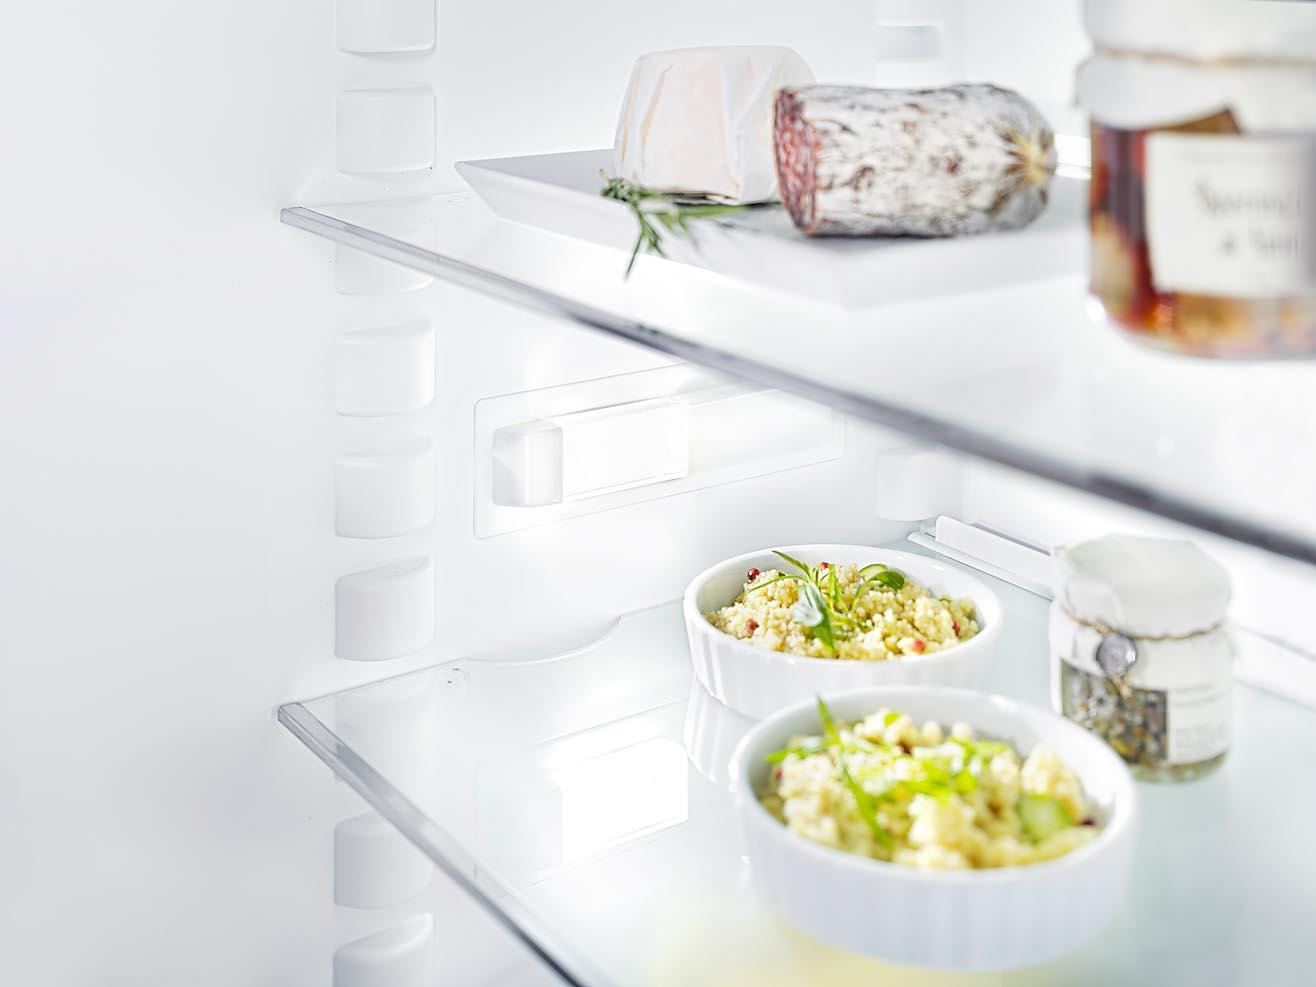 Foto eines Kühlschrankdetails mit Lebensmitteln. Innenbeleuchtung fotografiert mit Fachkamera und bewusster Schärfe-Verlagerung